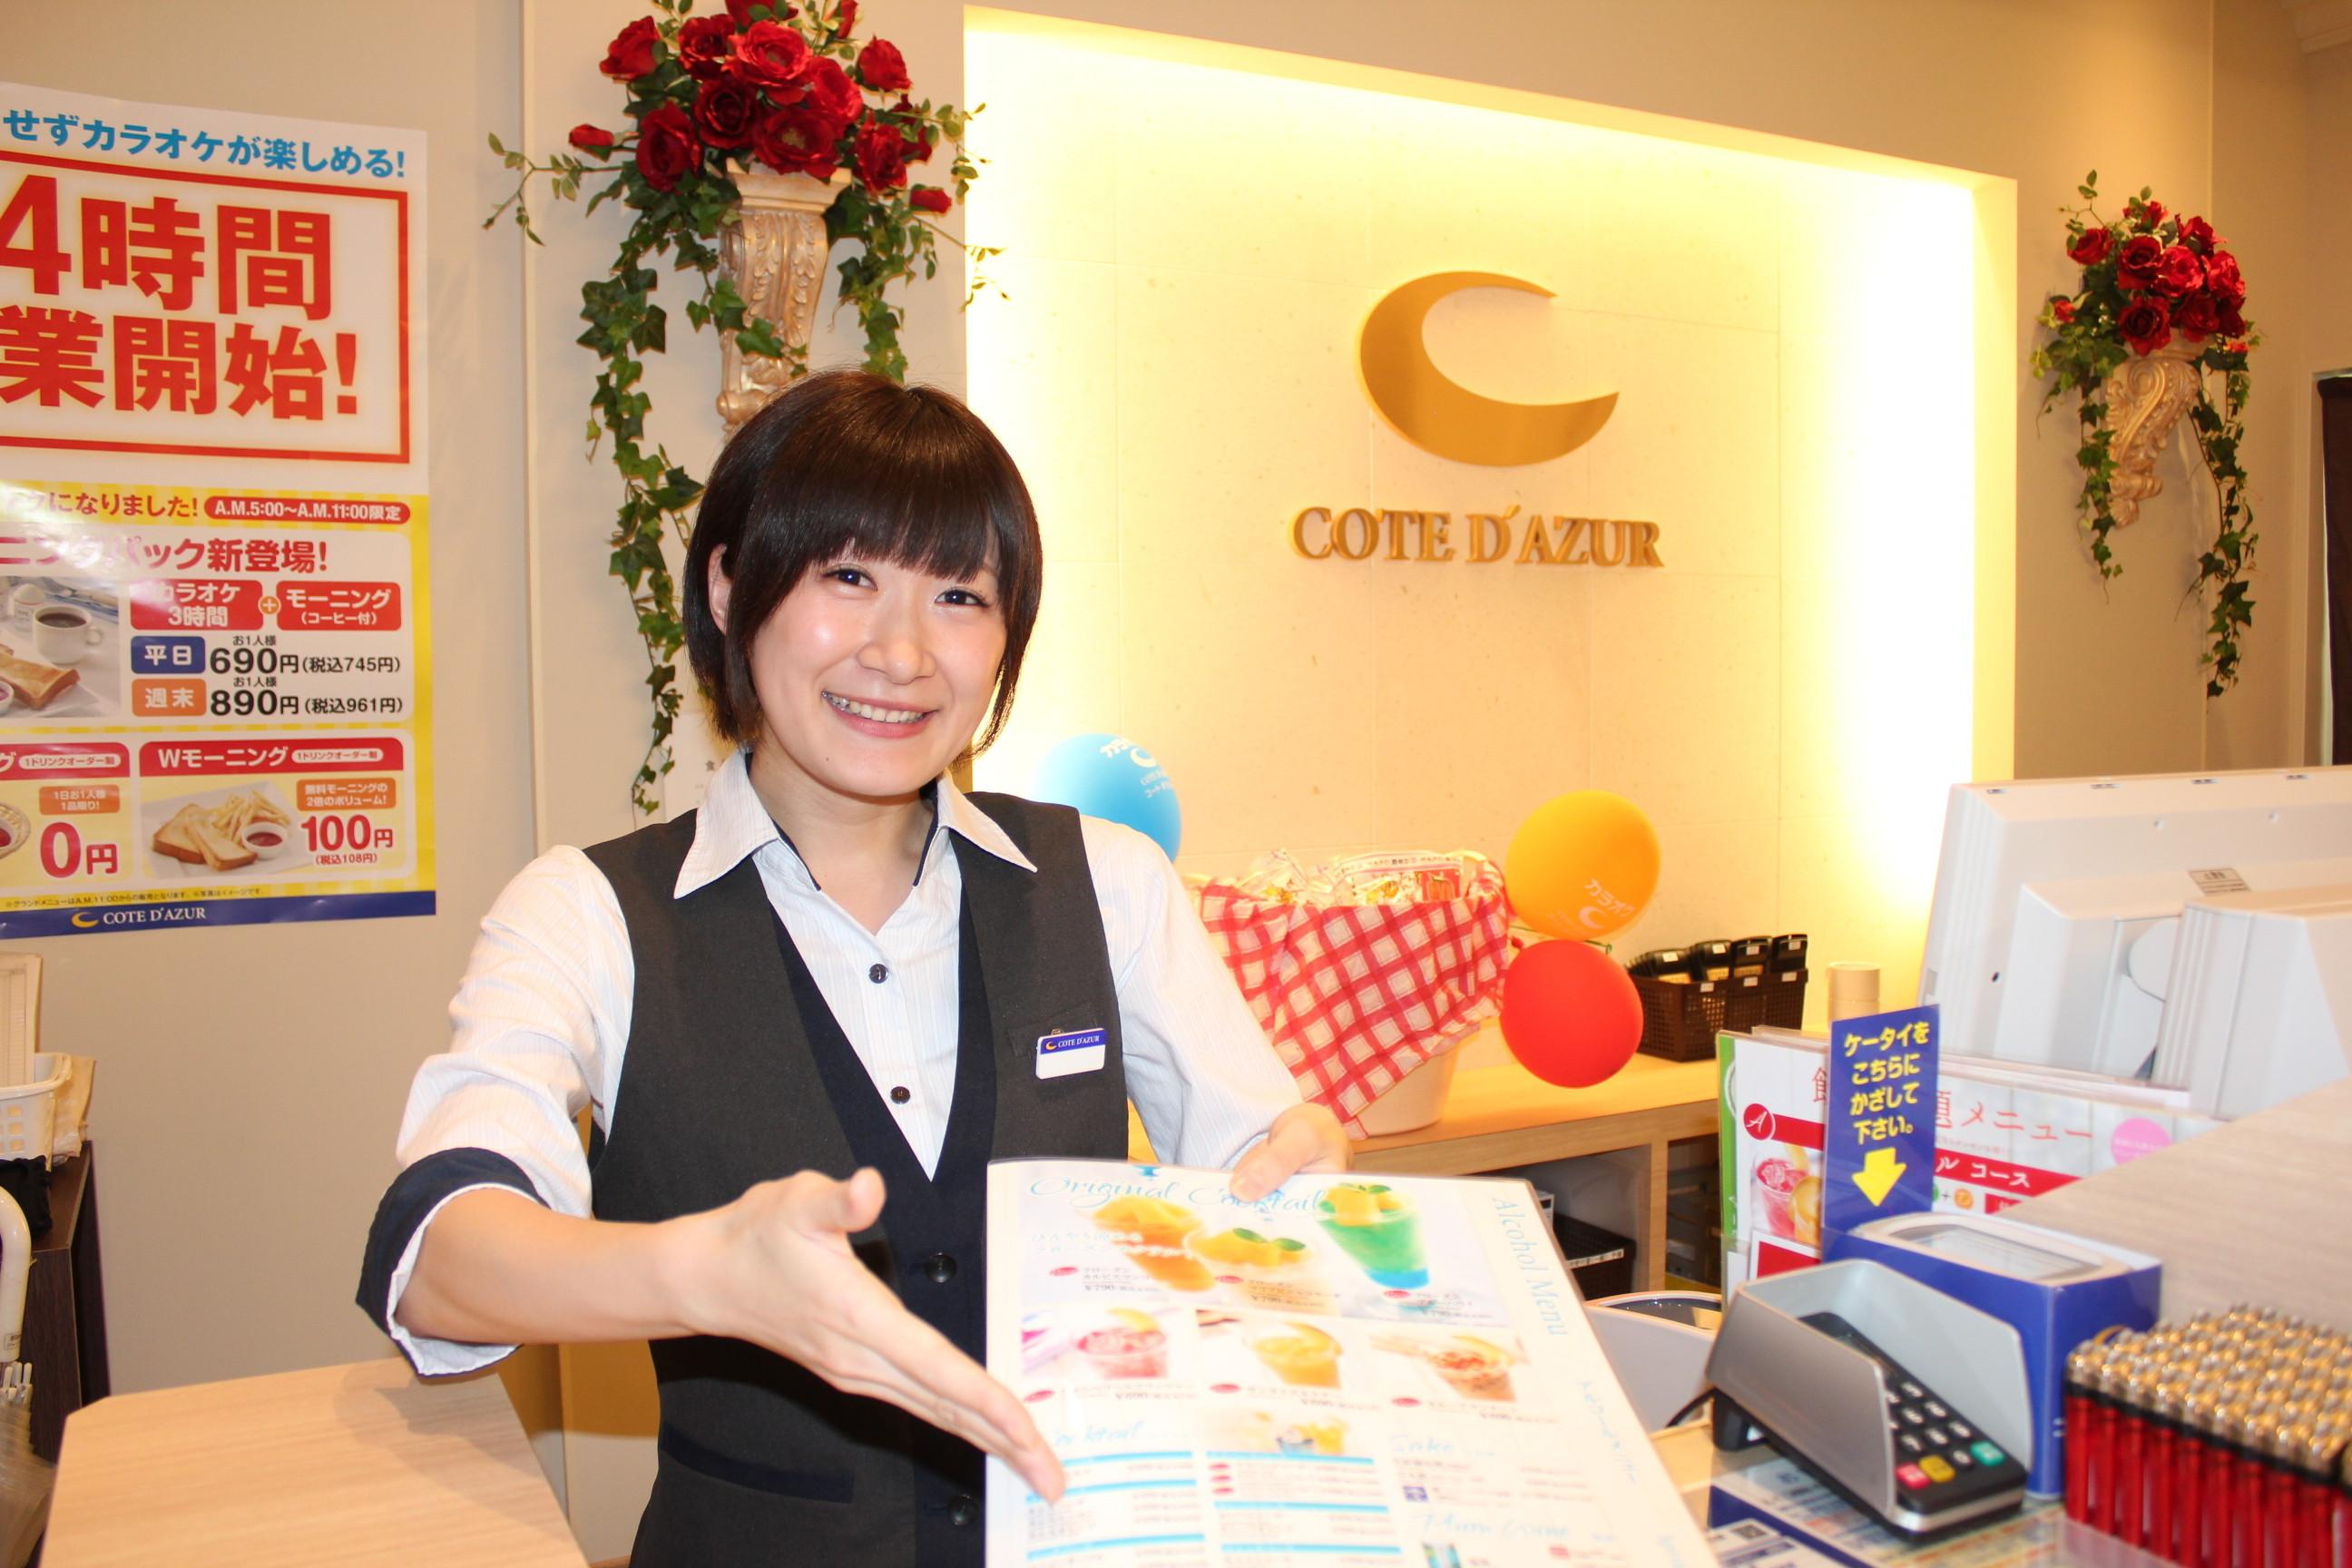 コート・ダジュール 赤羽駅前店 のアルバイト情報